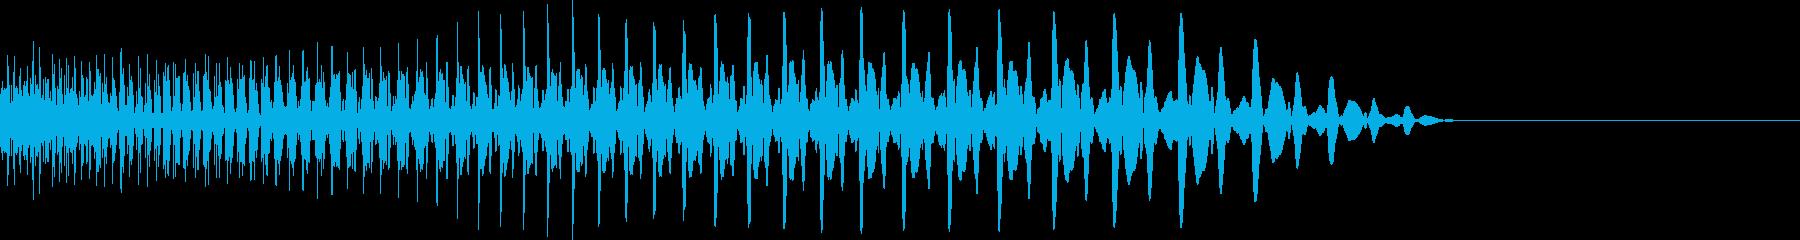 下降系の太いシンセ音の再生済みの波形